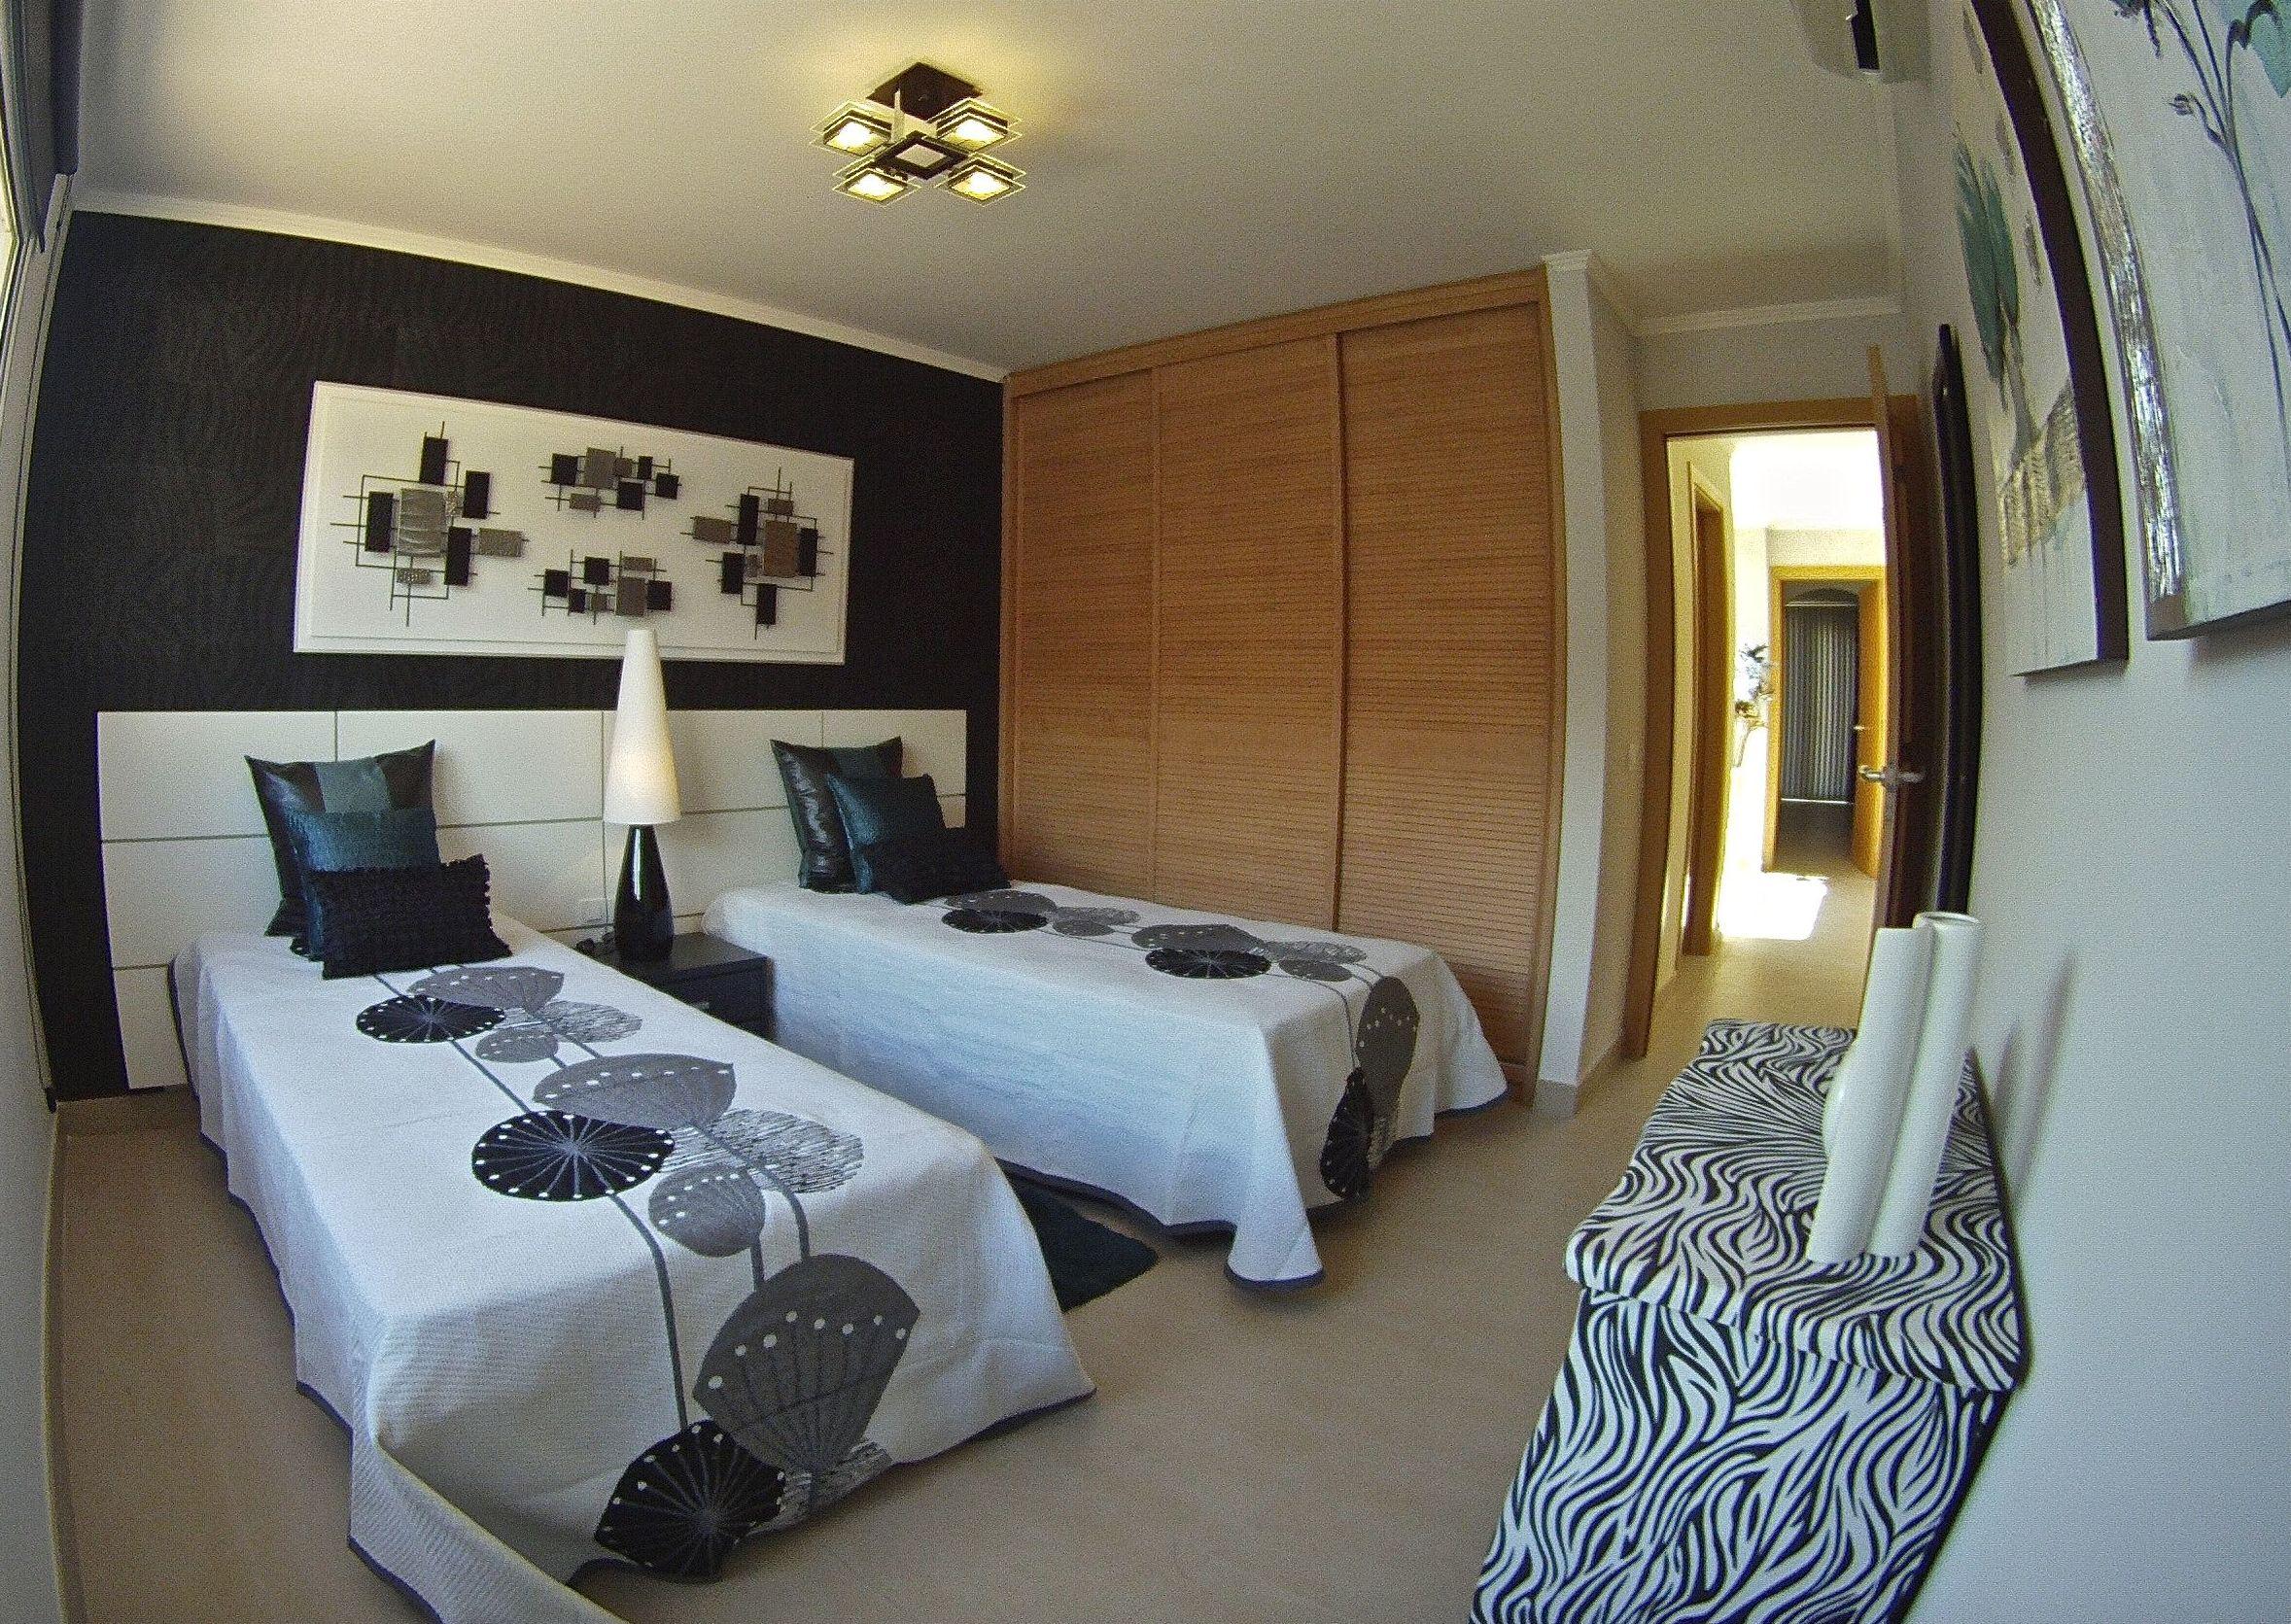 Foto 2 de Inmobiliaria en Adeje | Tierra del Fuego Developments